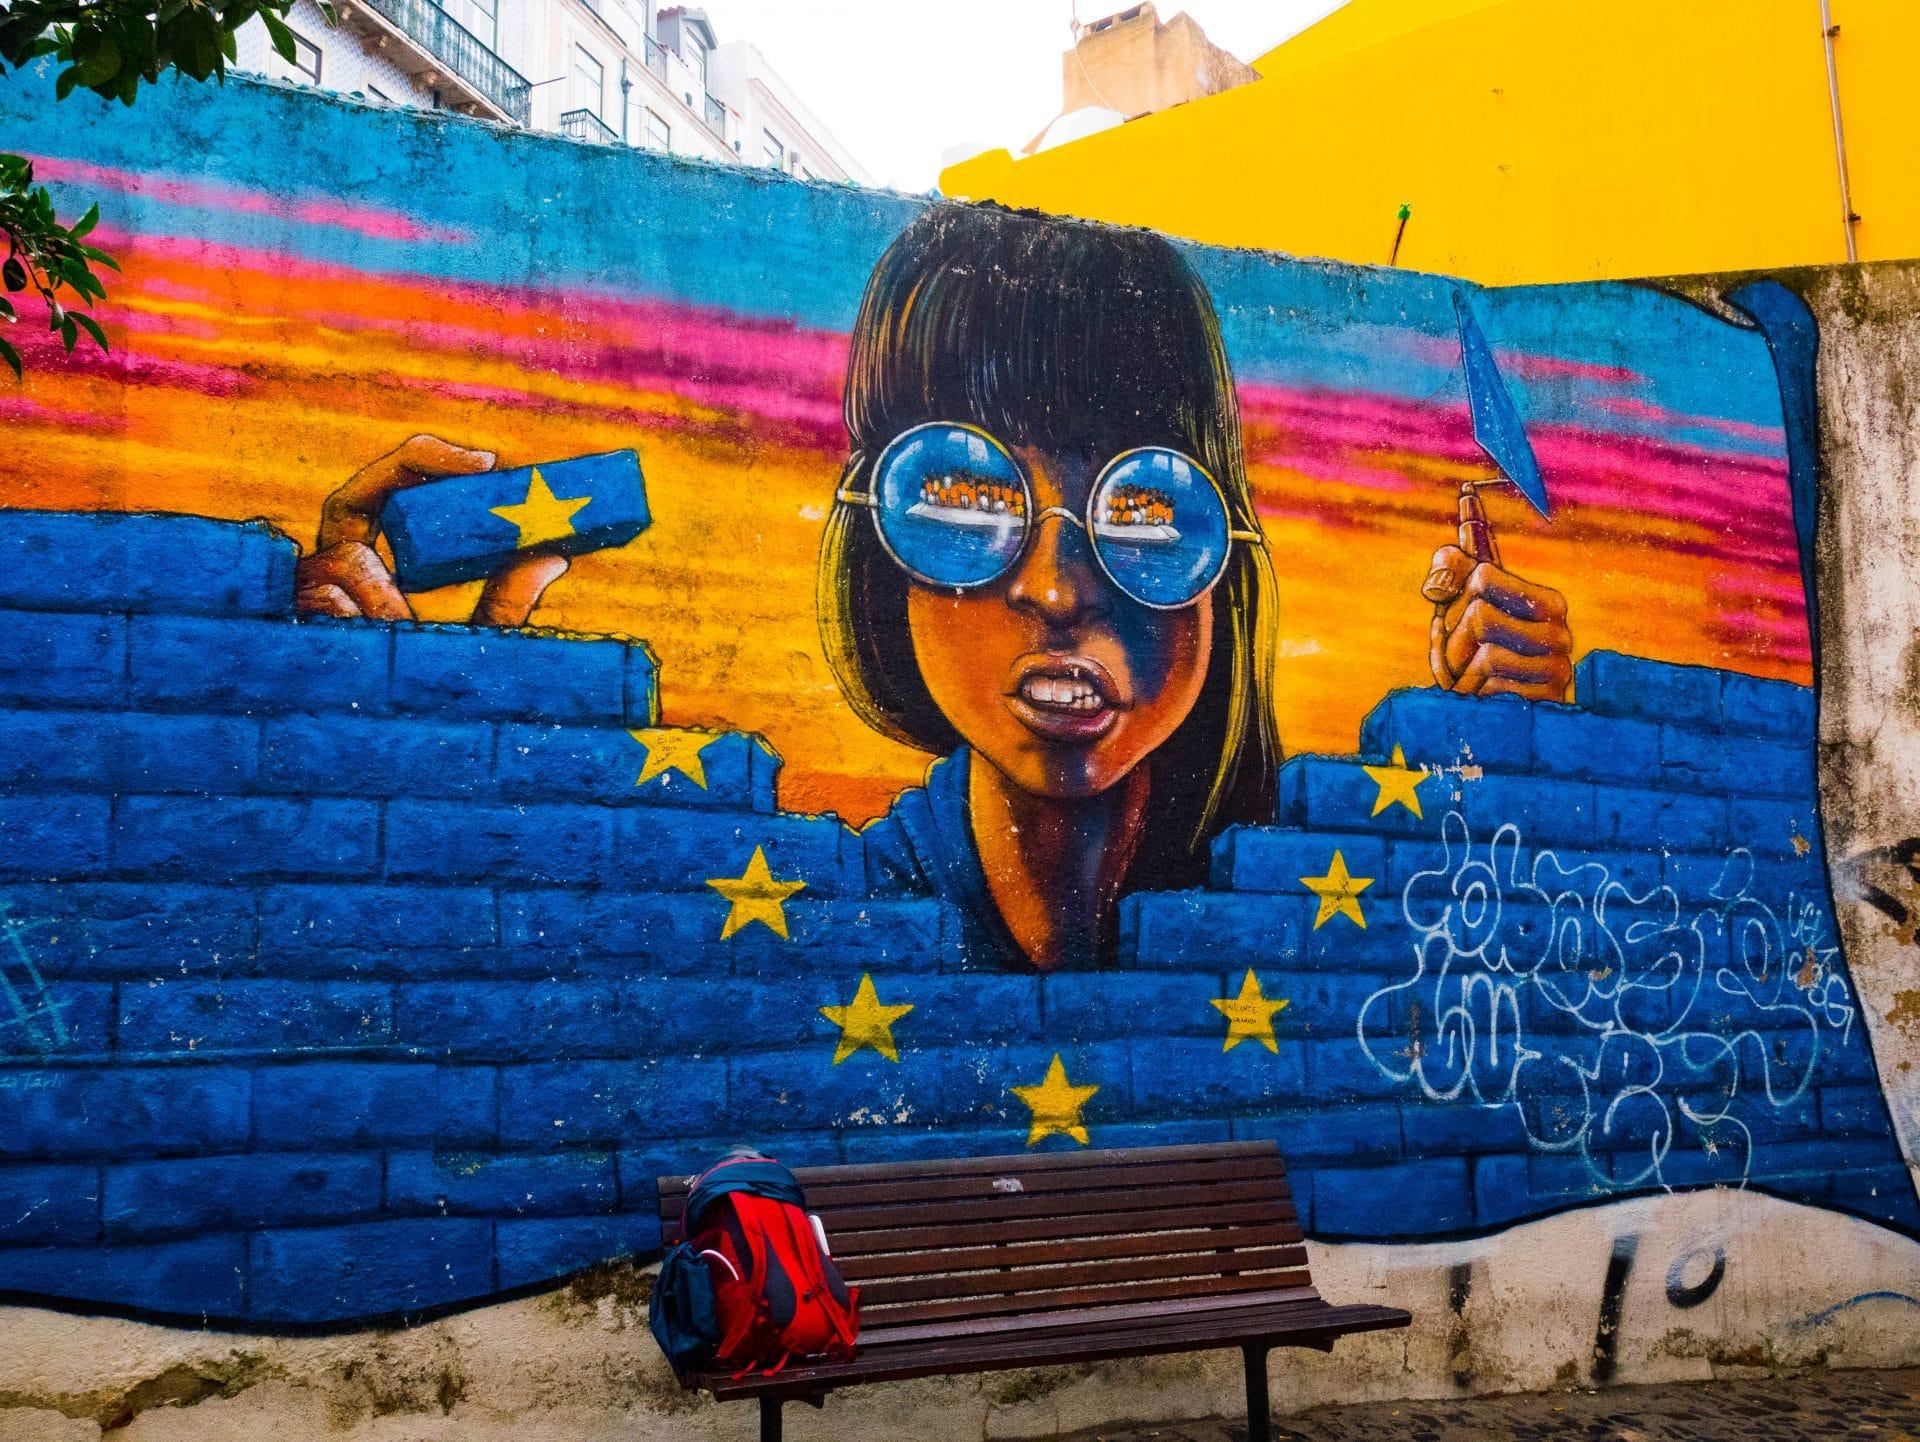 portugal-lisbonne-street-art-goyav